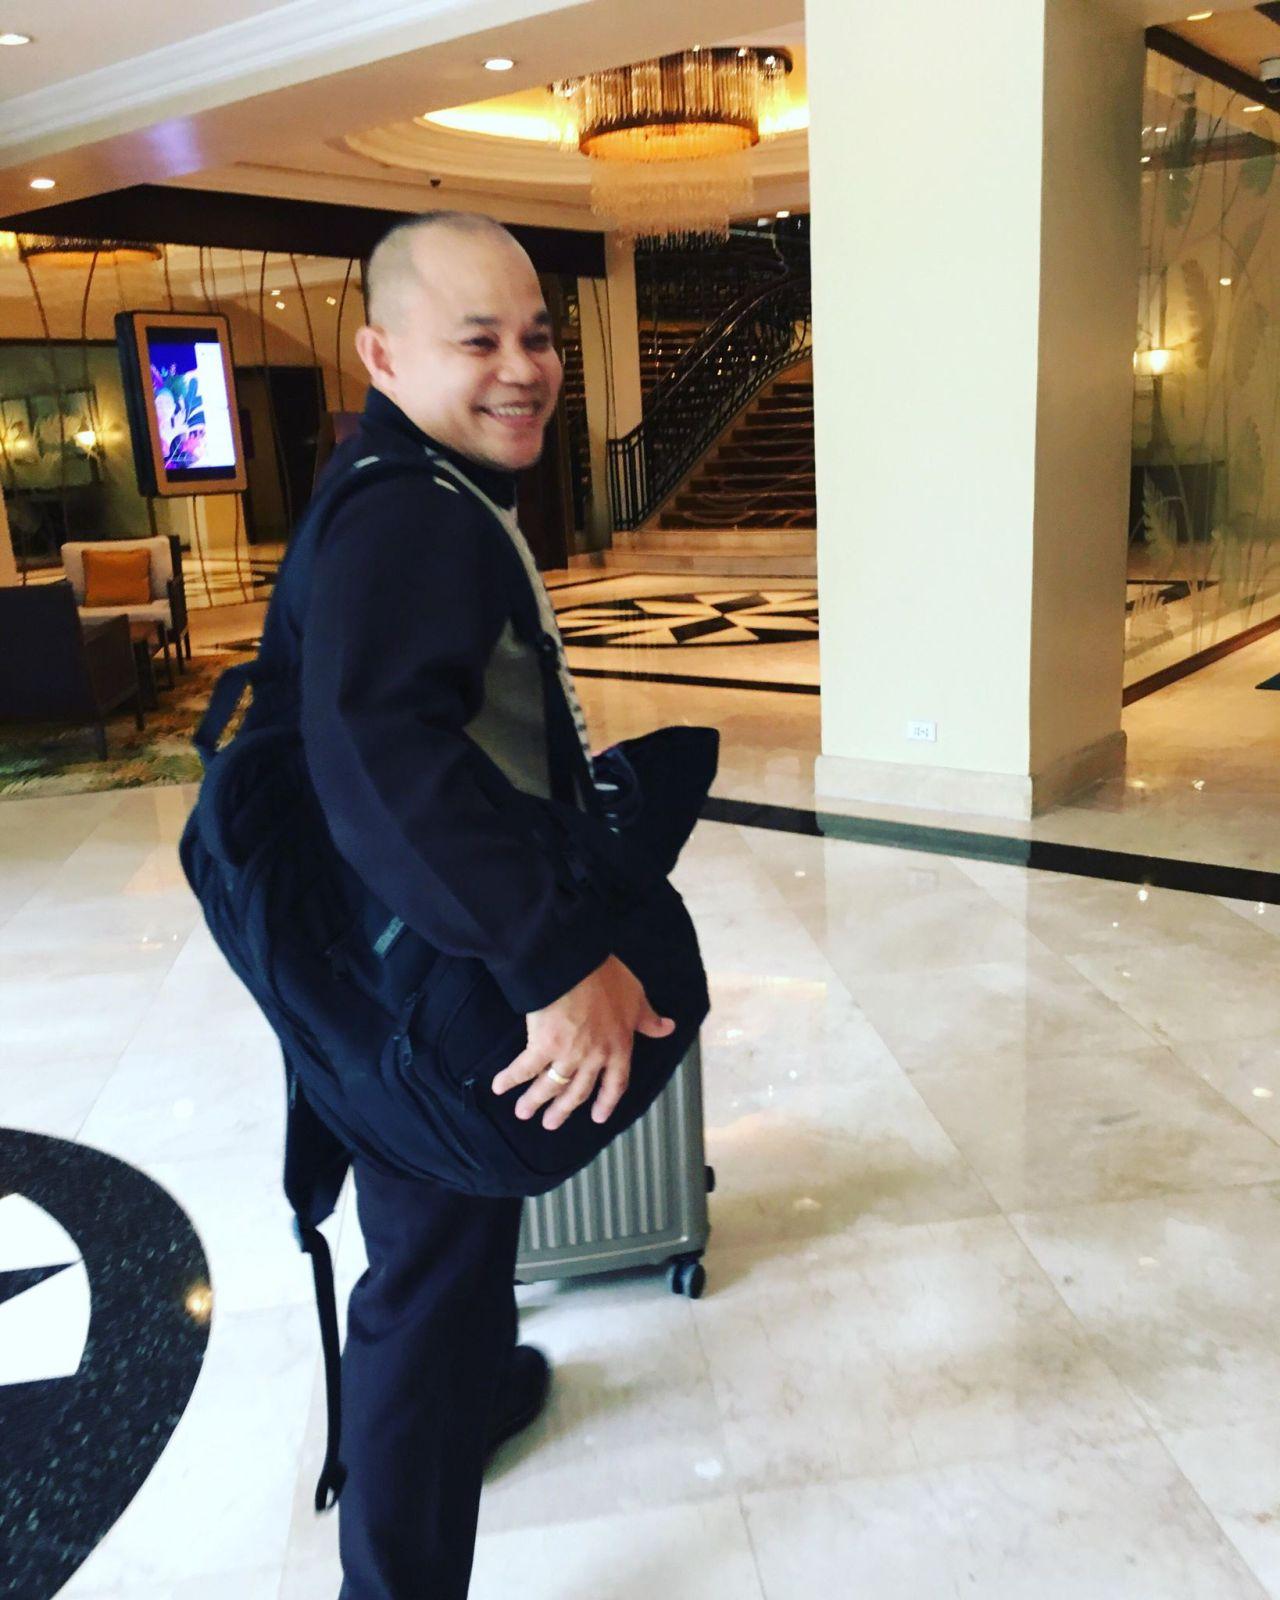 Bert Alis of Edsa Shangri-la Manila